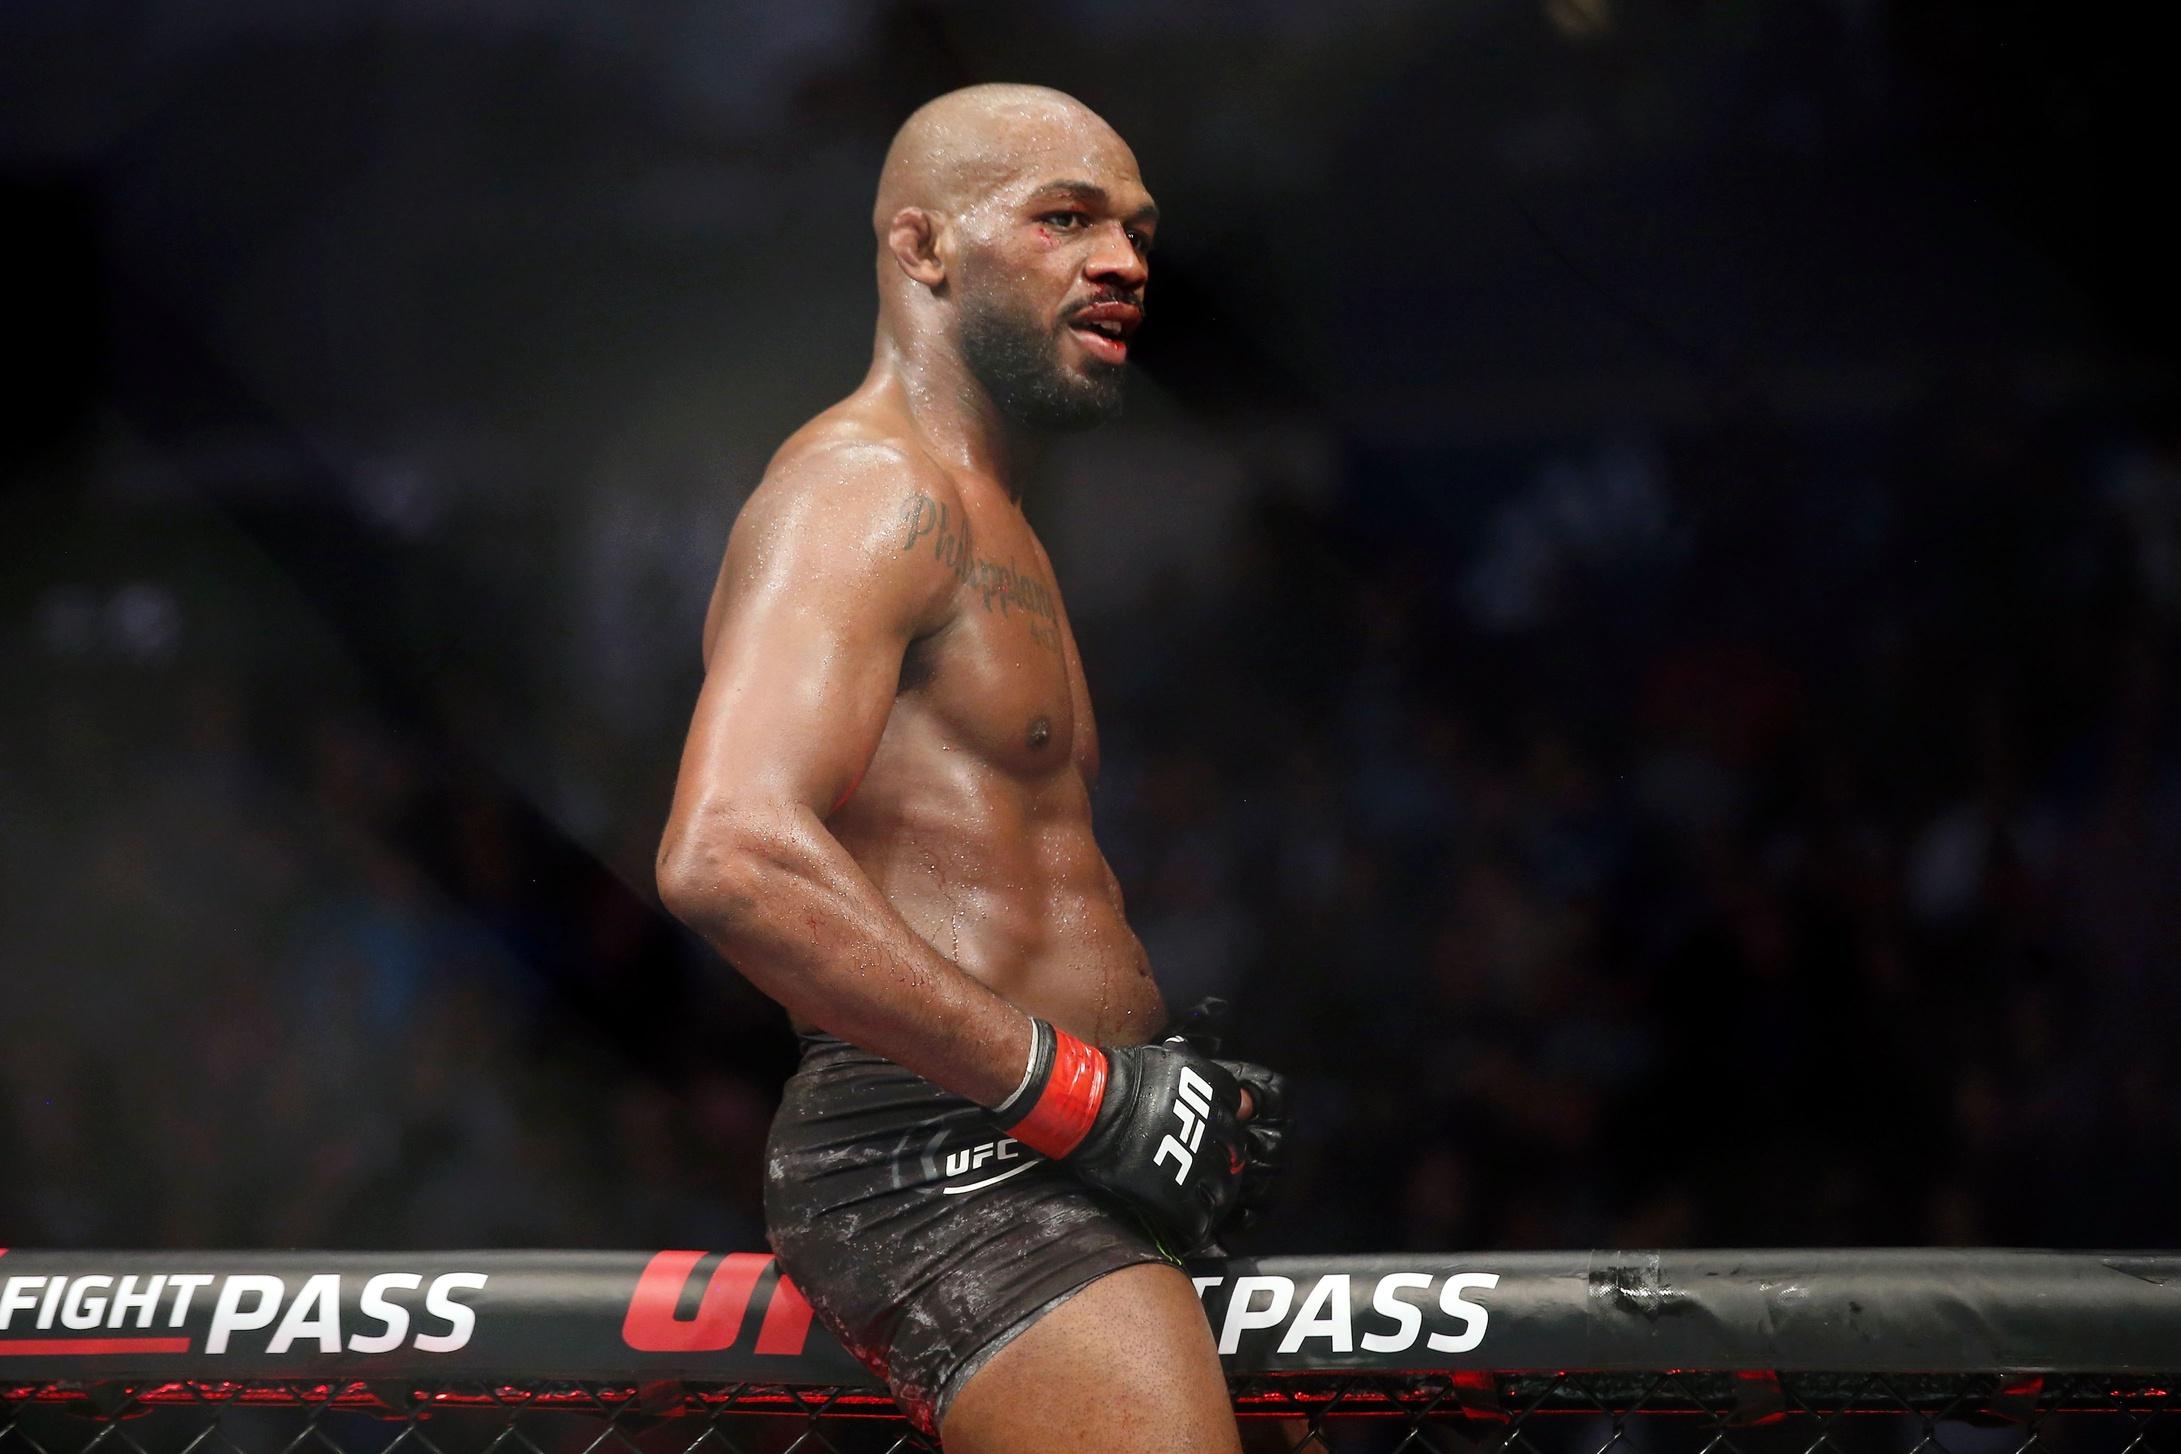 Jon Jones vs UFC Prop Bets Plus McGregor's Next Opponent